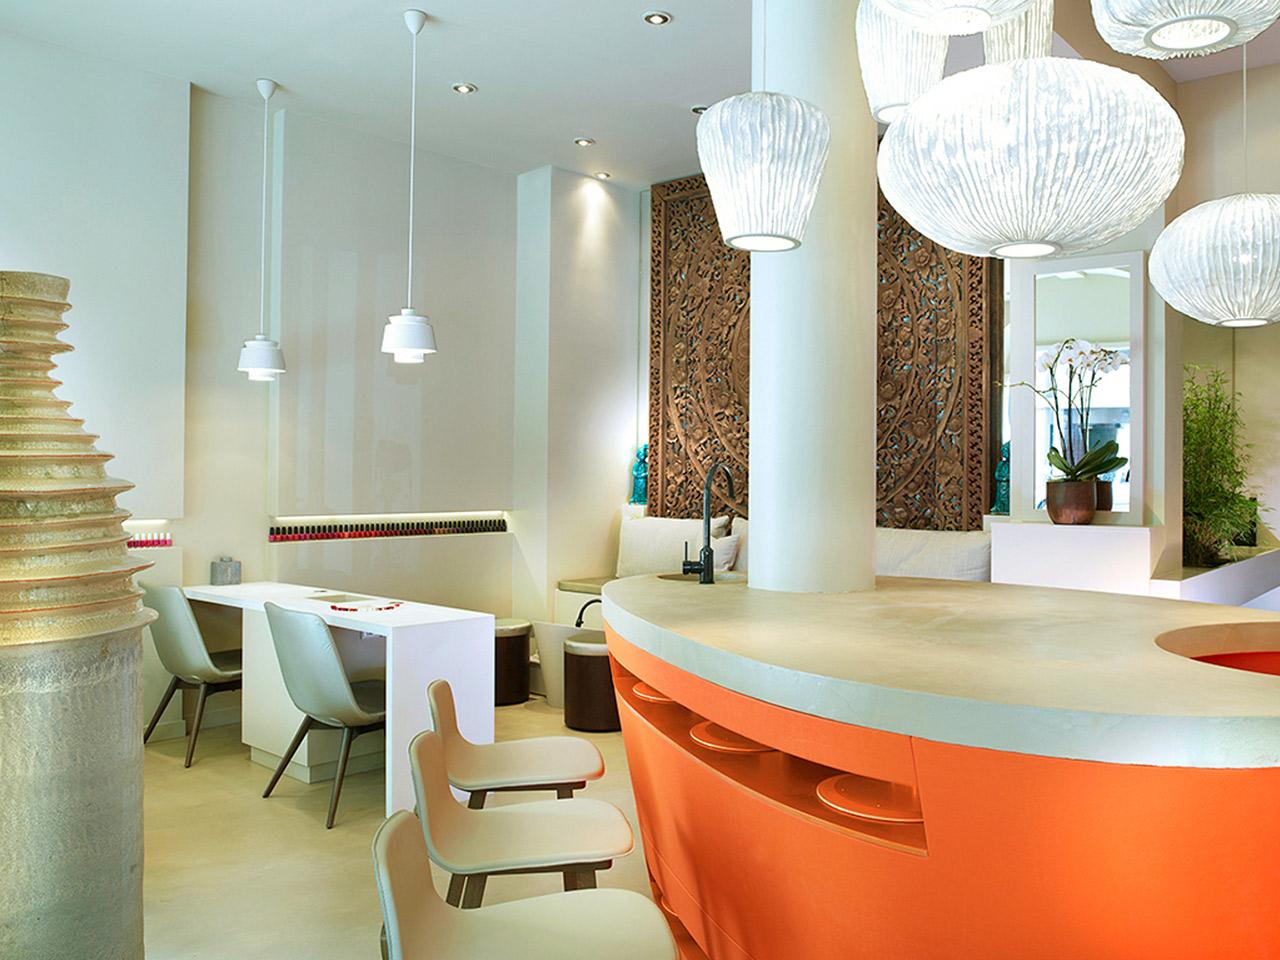 architecture int rieure pour l 39 institut nailsparis paris 16 me une r alisation de l 39 agence. Black Bedroom Furniture Sets. Home Design Ideas